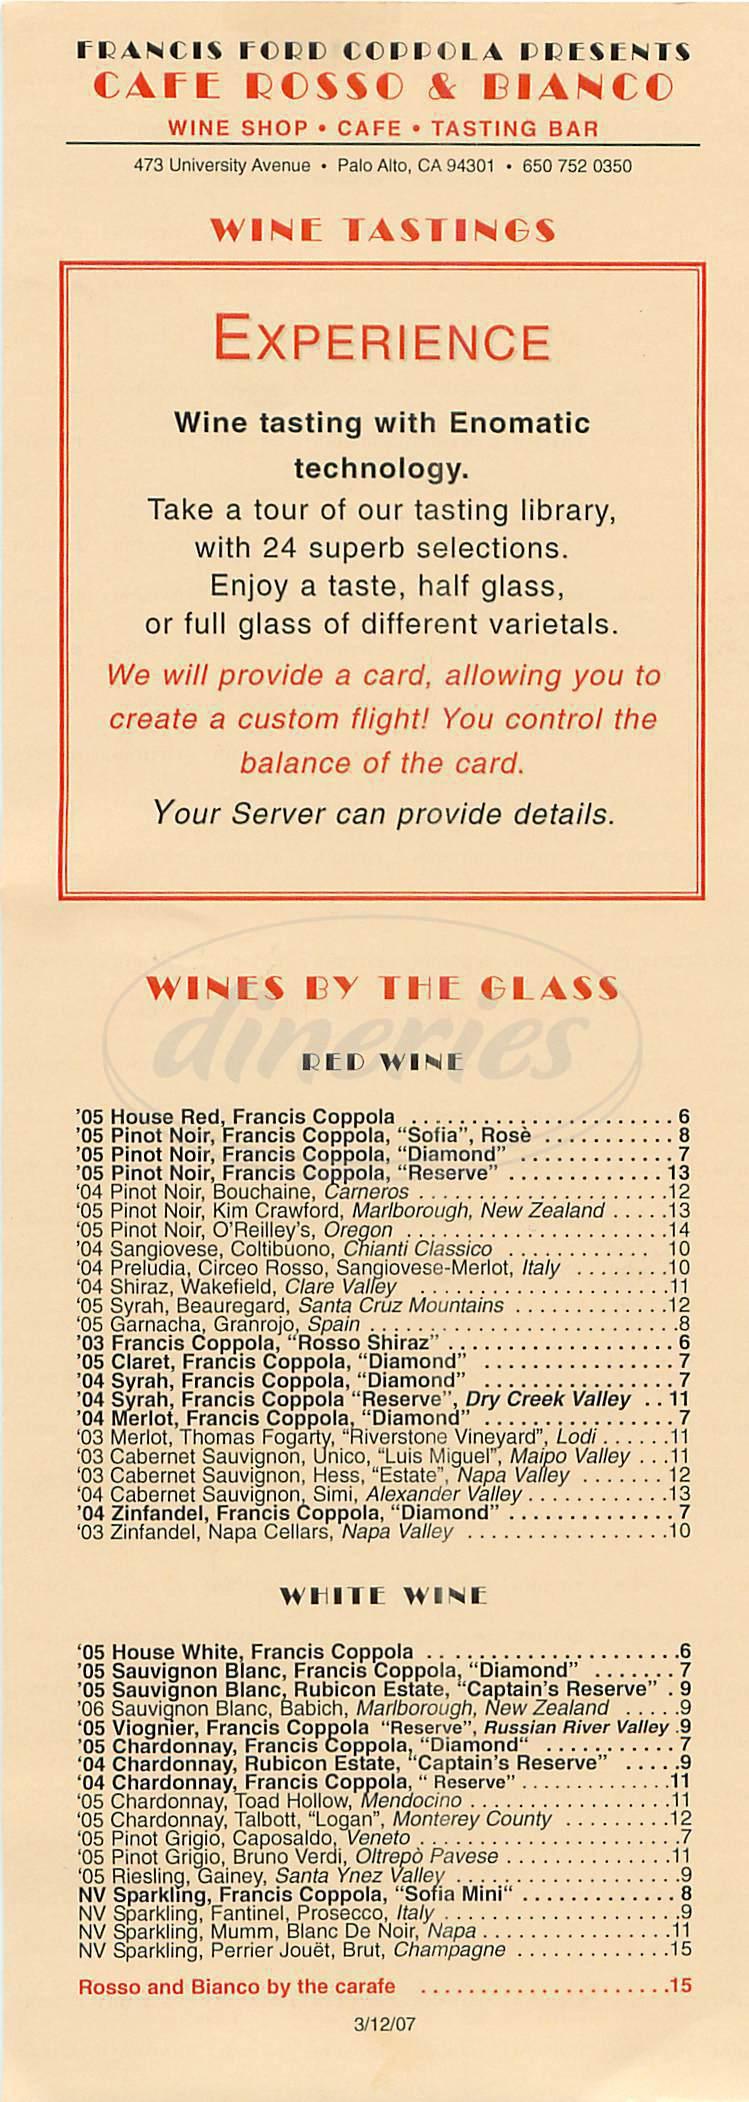 menu for Cafe Rosso & Bianco